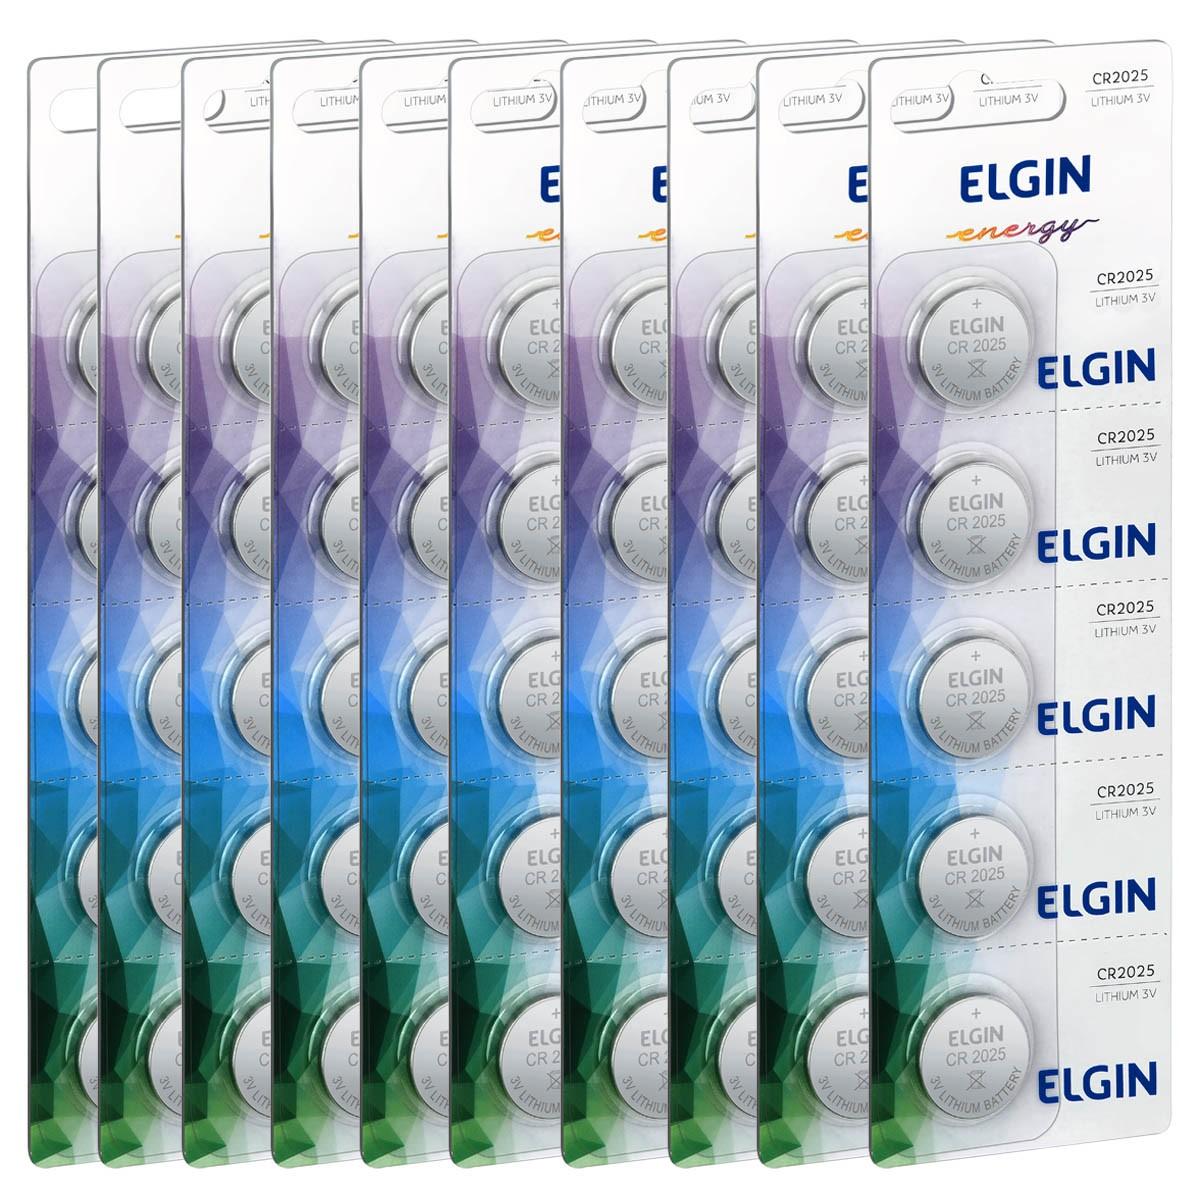 50 Baterias Pilhas Lithium 3V Elgin CR2025 10 cartela